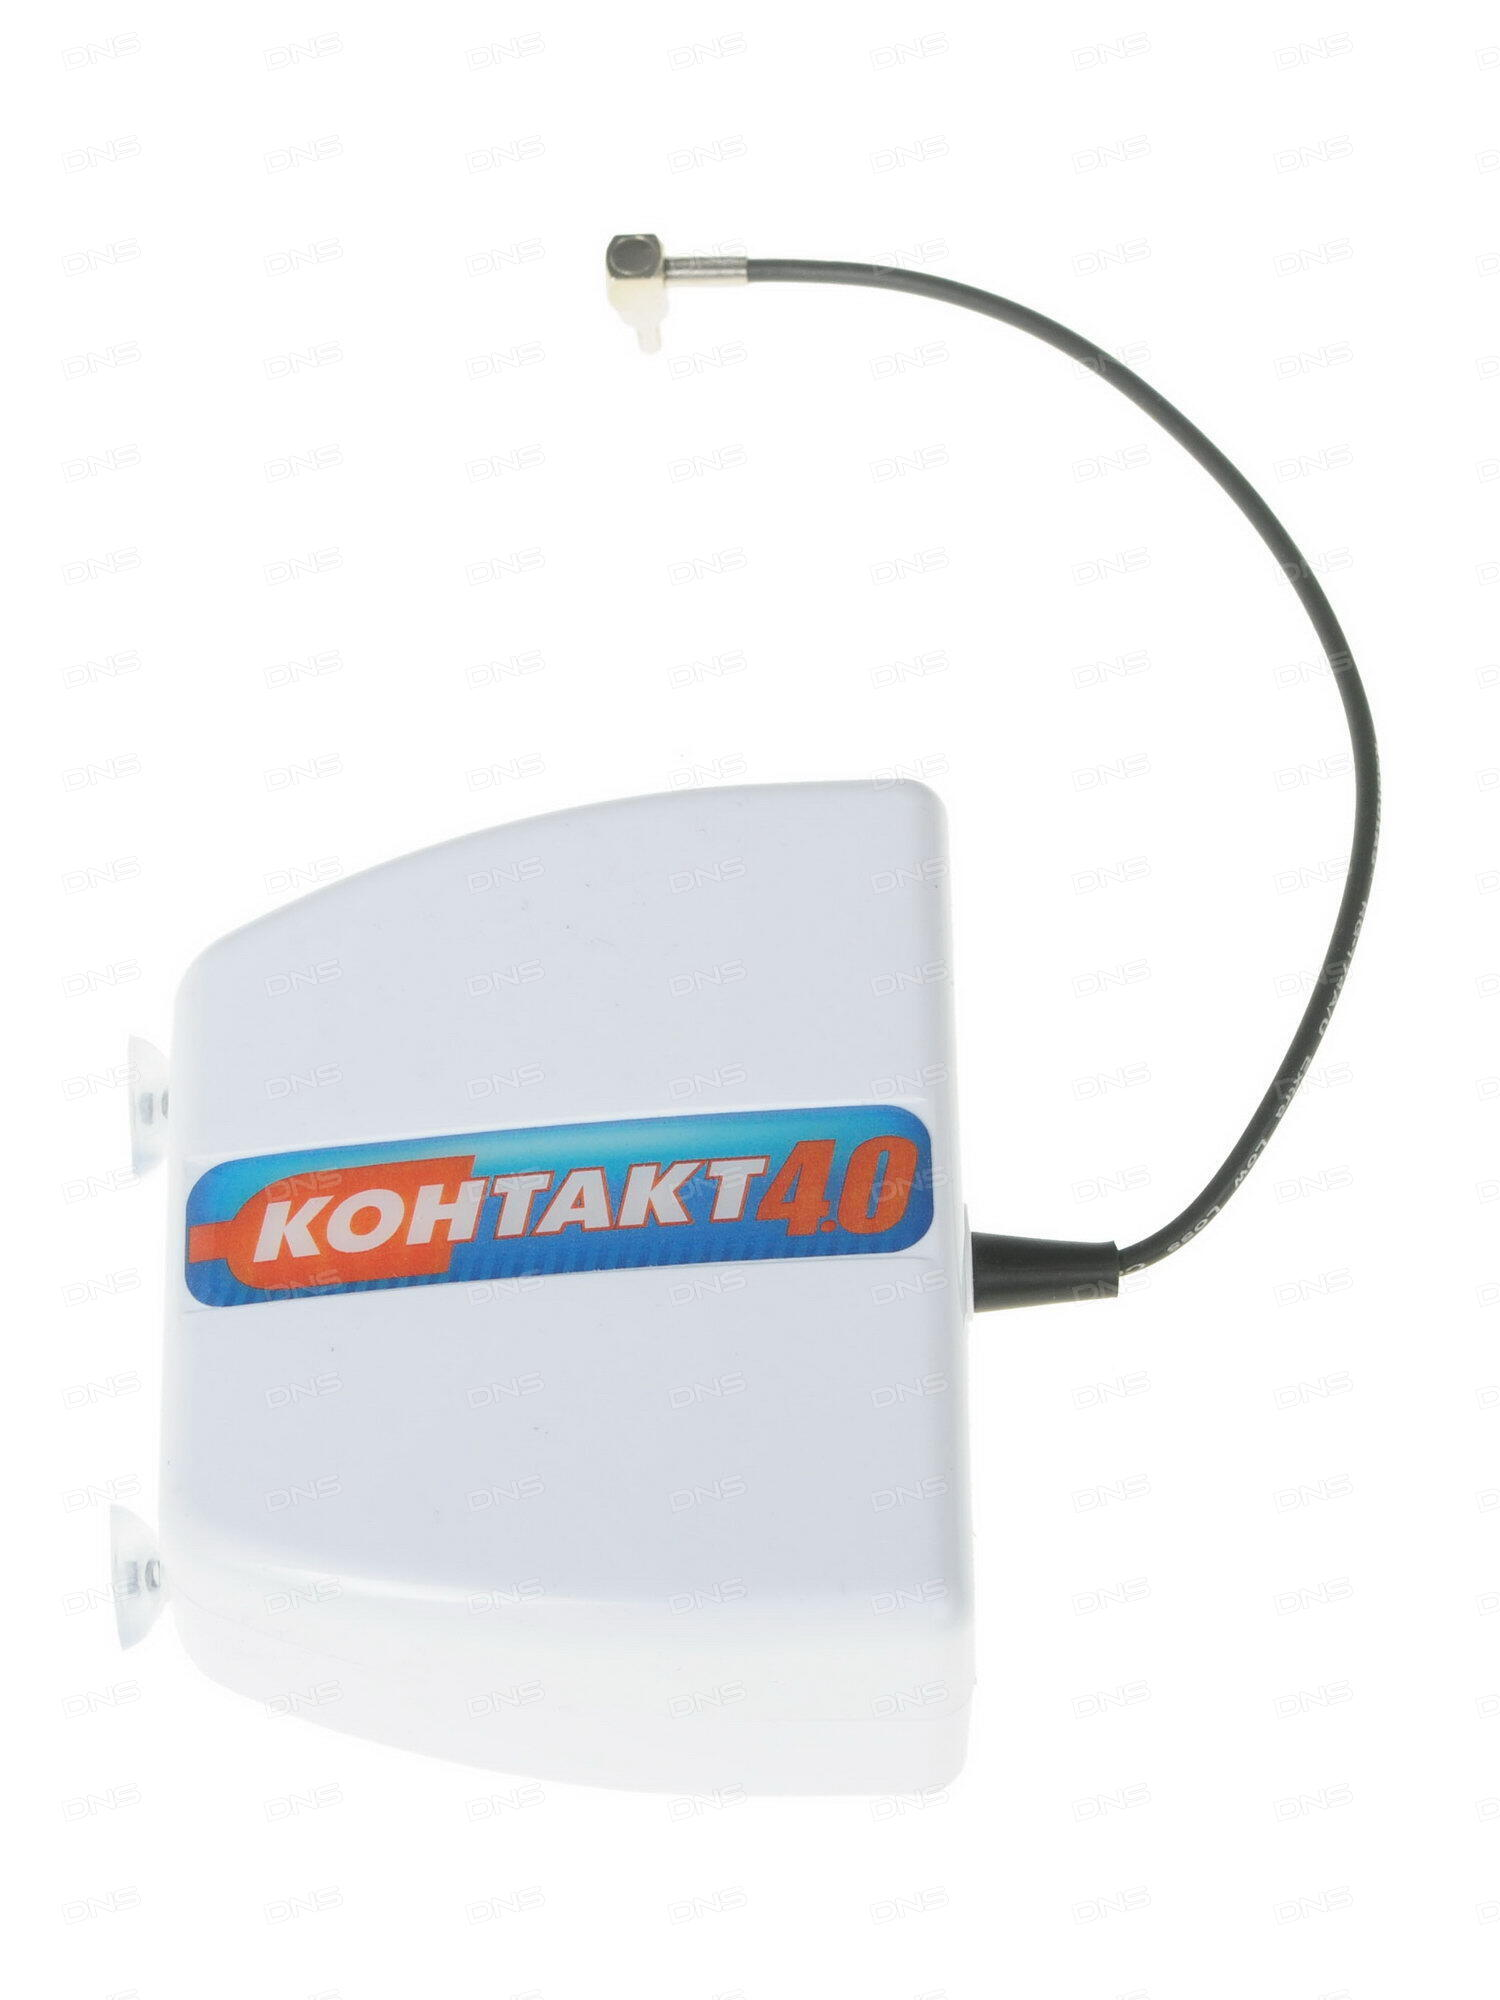 Антенна для мегафон модема